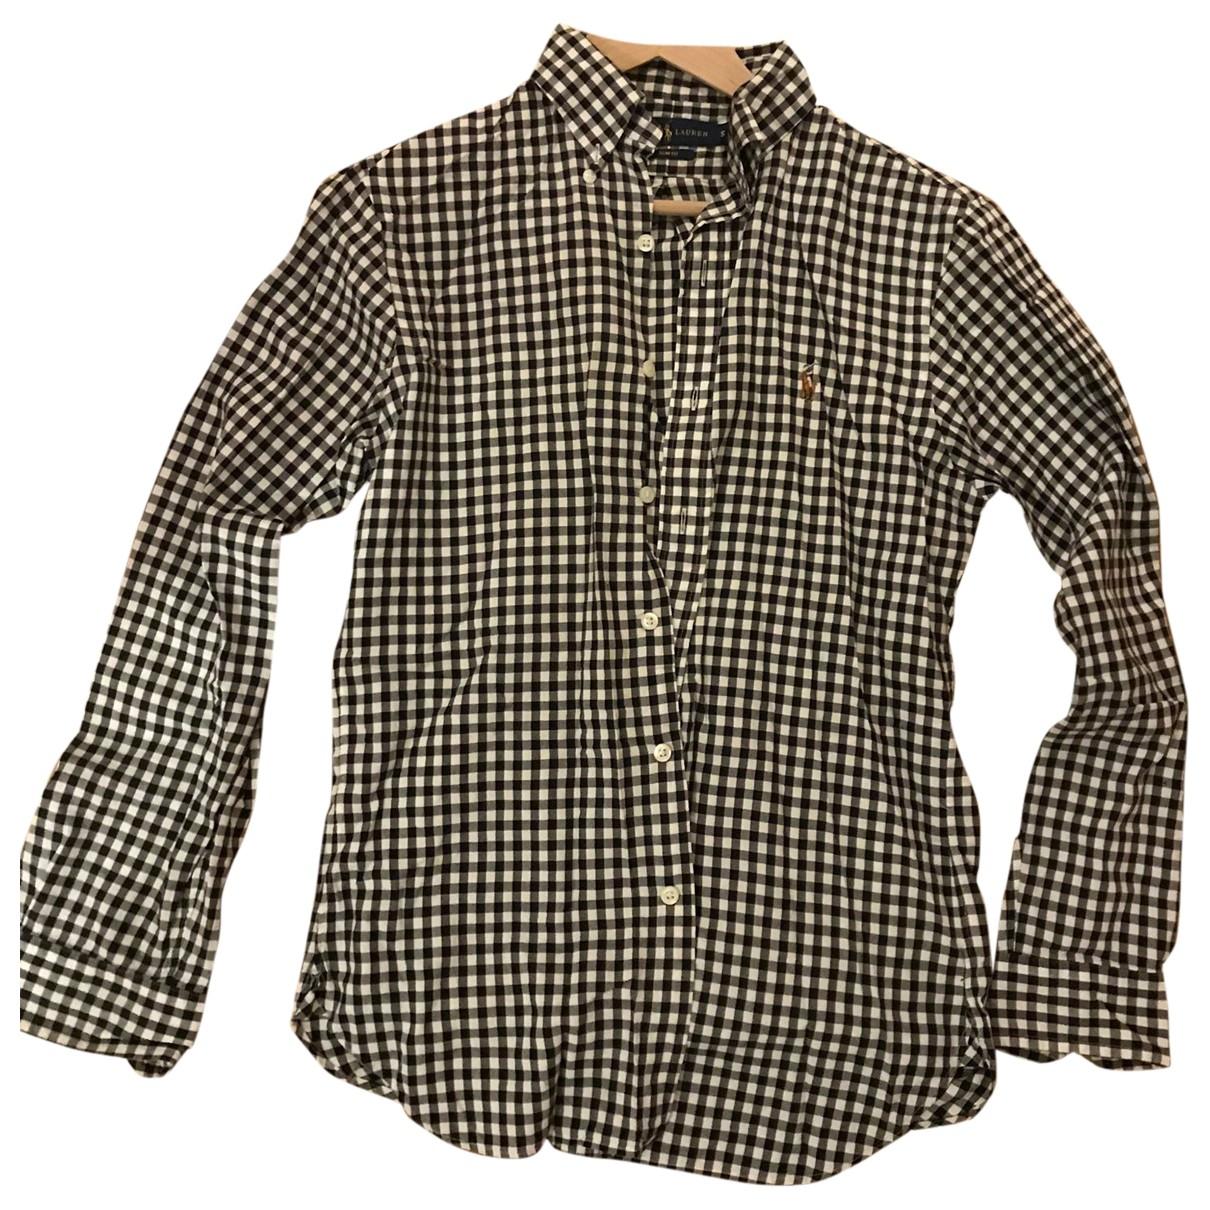 Ralph Lauren \N Cotton Shirts for Men S International